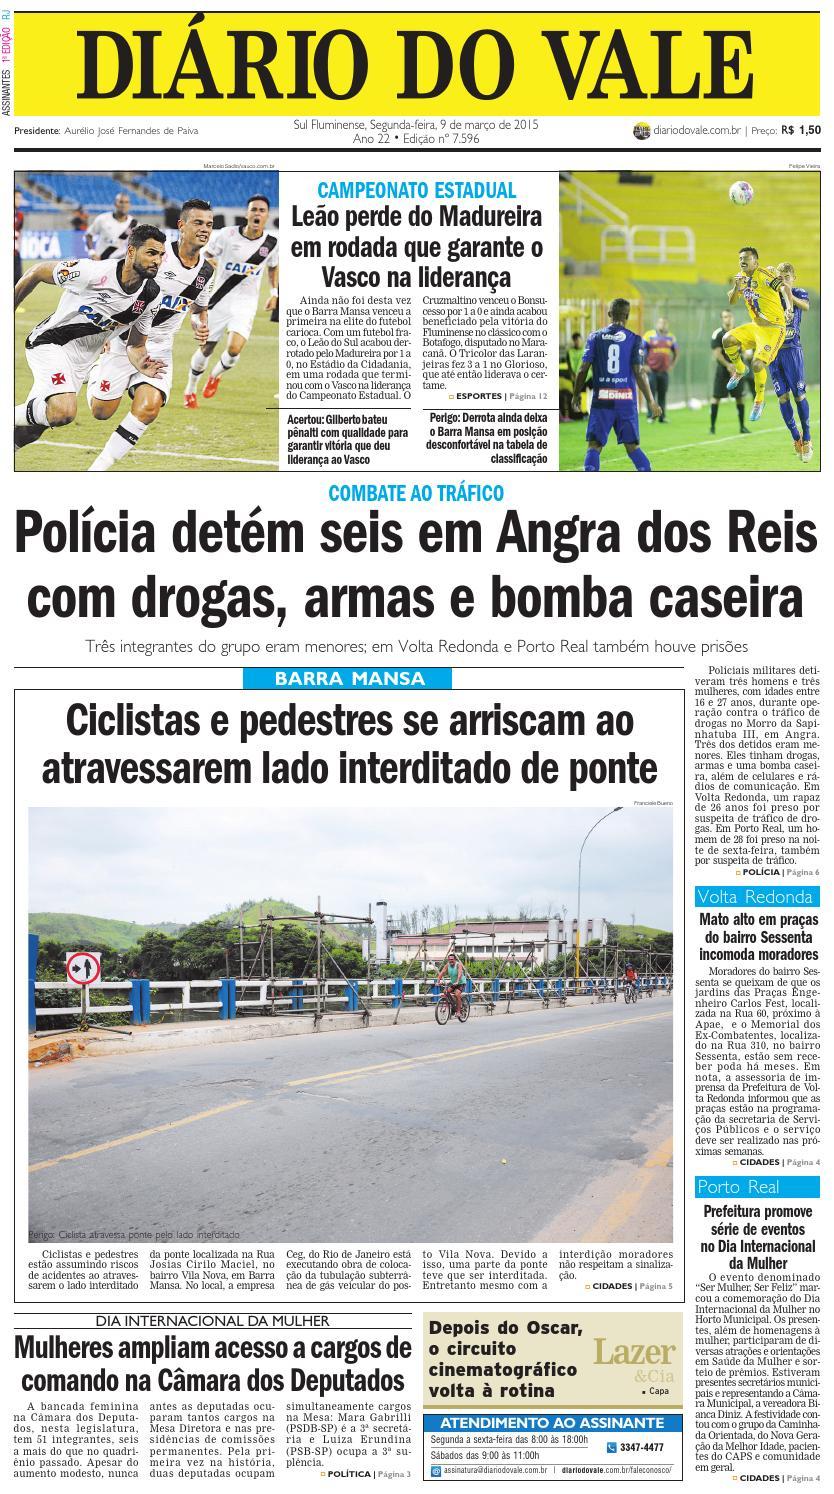 7596 diario segunda feira 09 03 2015 by Diário do Vale - issuu 4abe5f389e